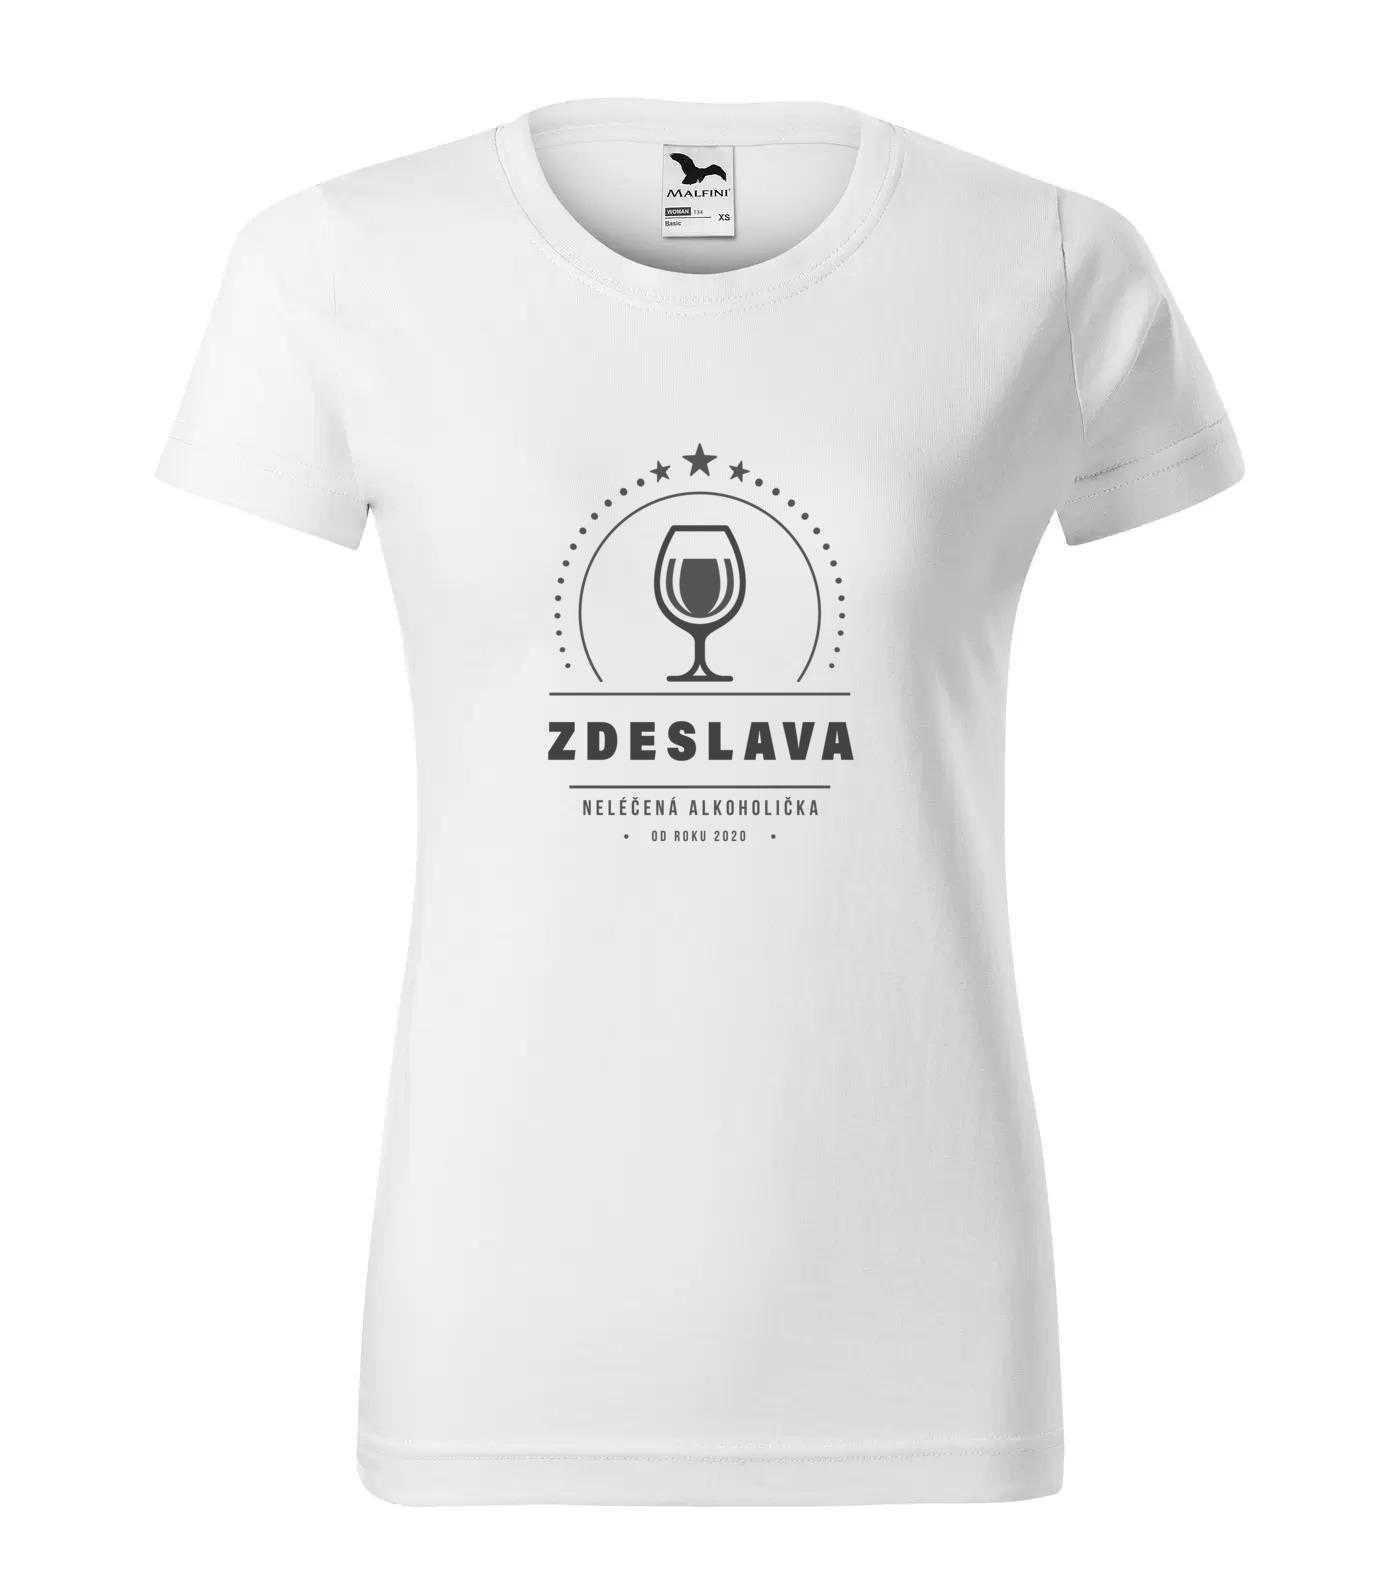 Tričko Alkoholička Zdeslava